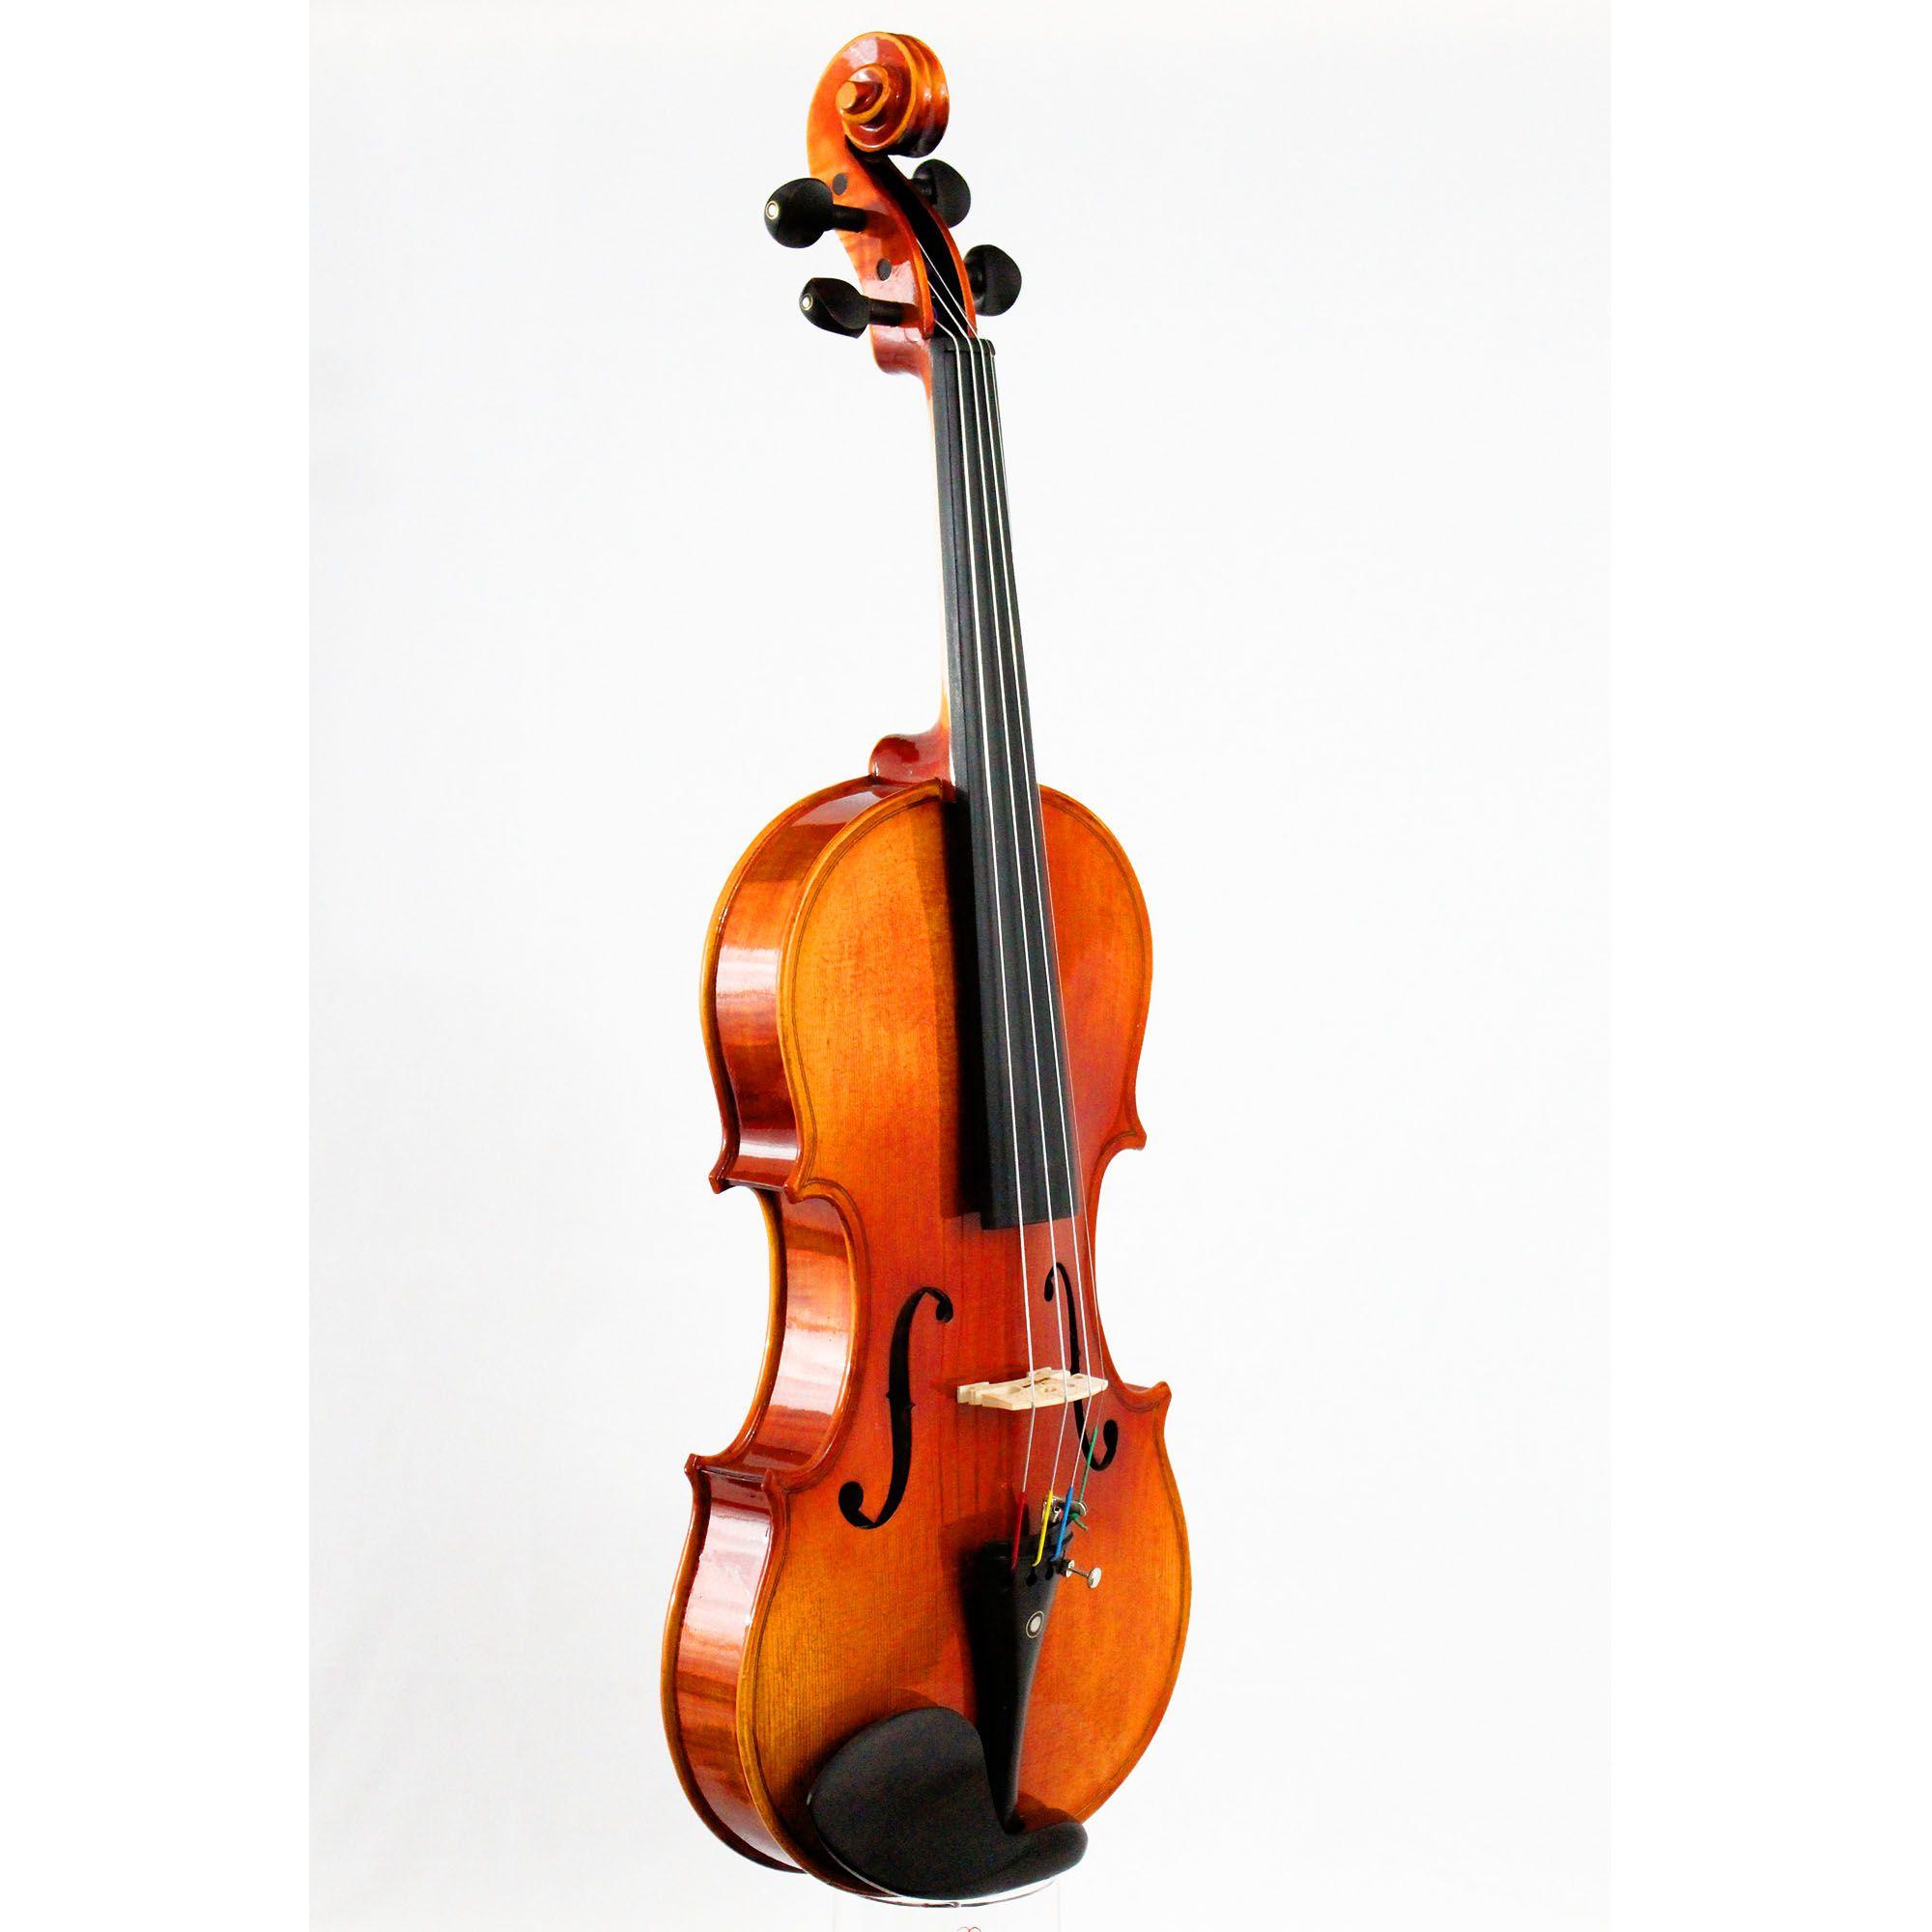 Violino intermediário modelo strad 4/4 Brilho